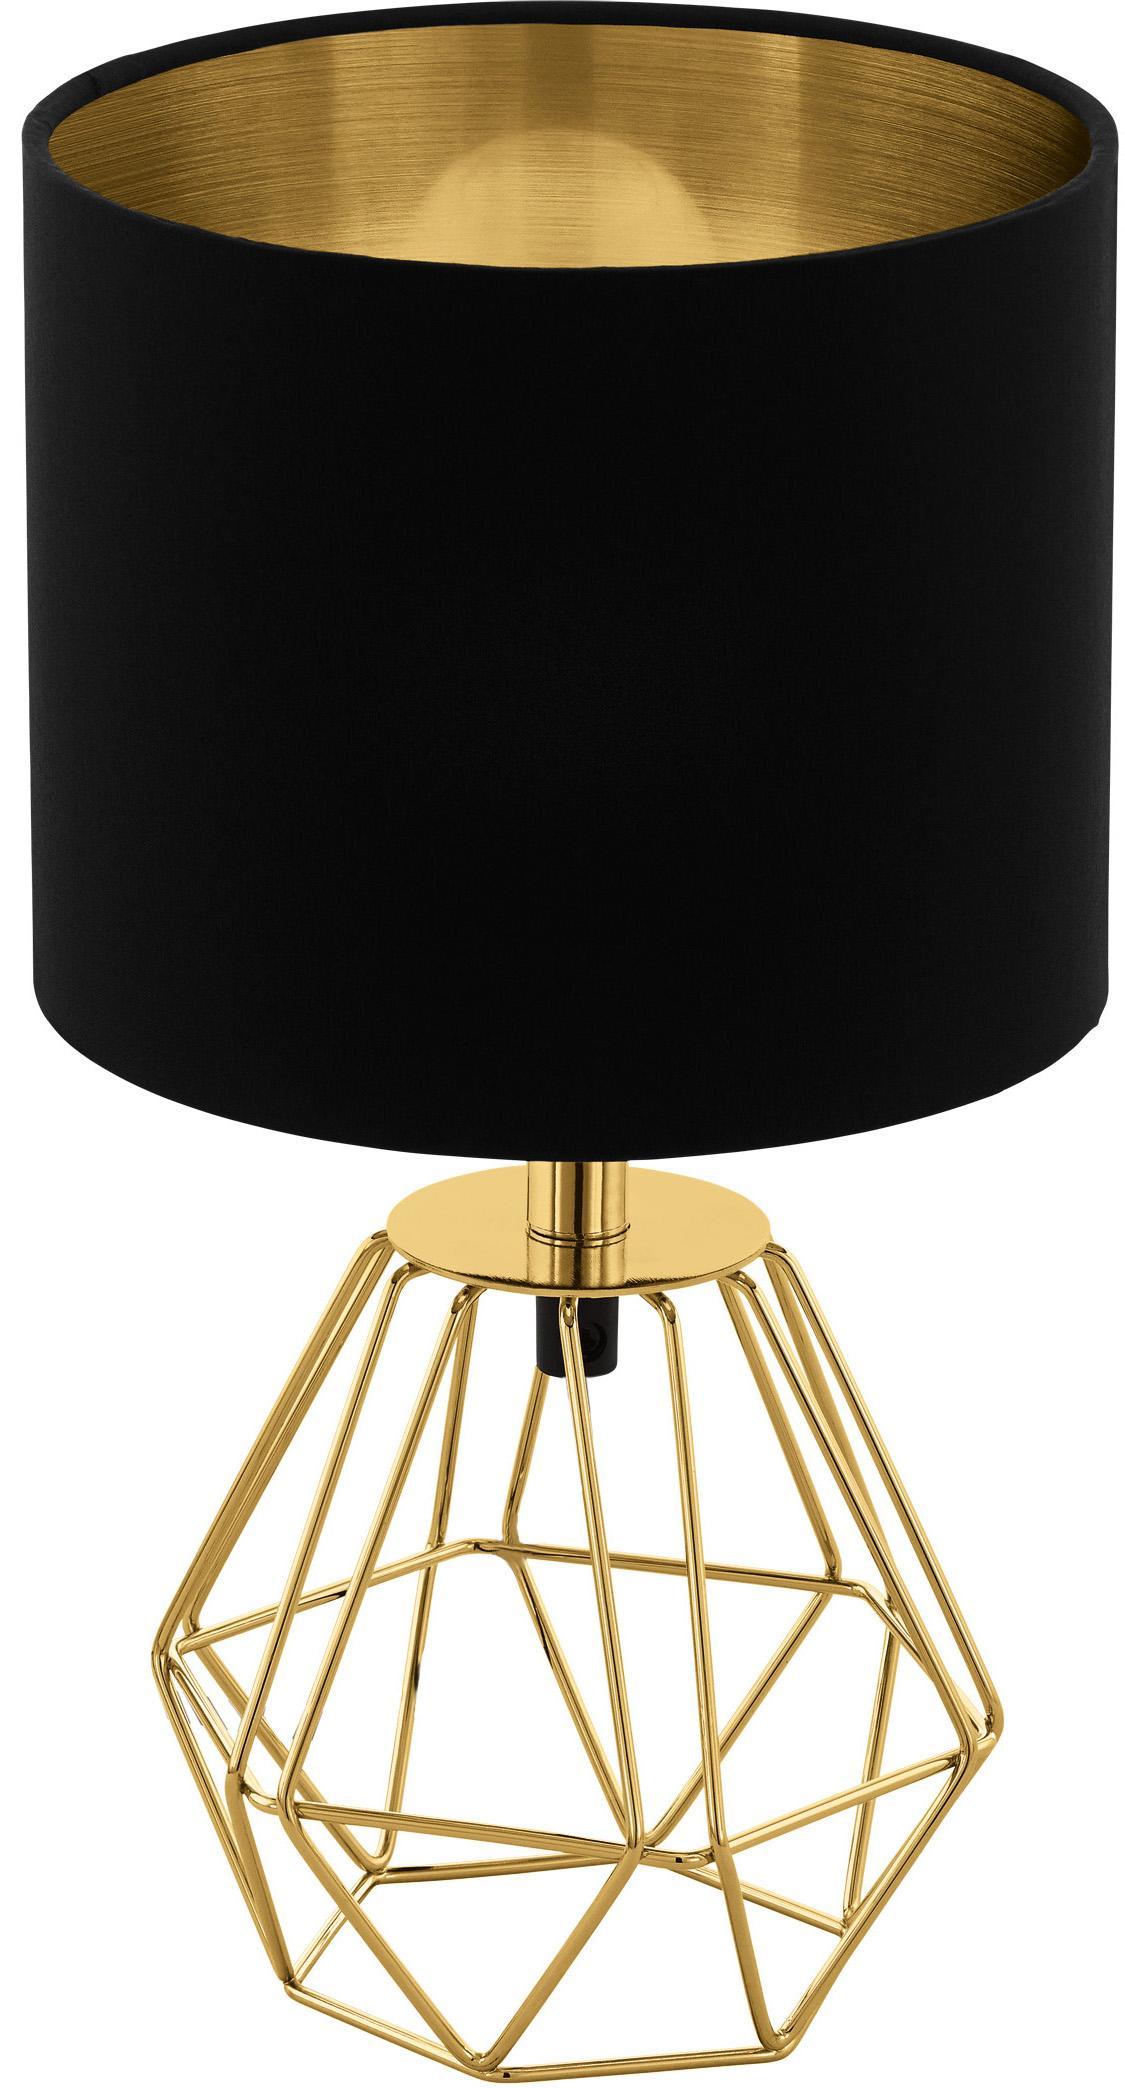 Lampada da tavolo nera-dorata Phil, Base della lampada: metallo ottonato, Nero, oro, Ø 17 x Alt. 31 cm